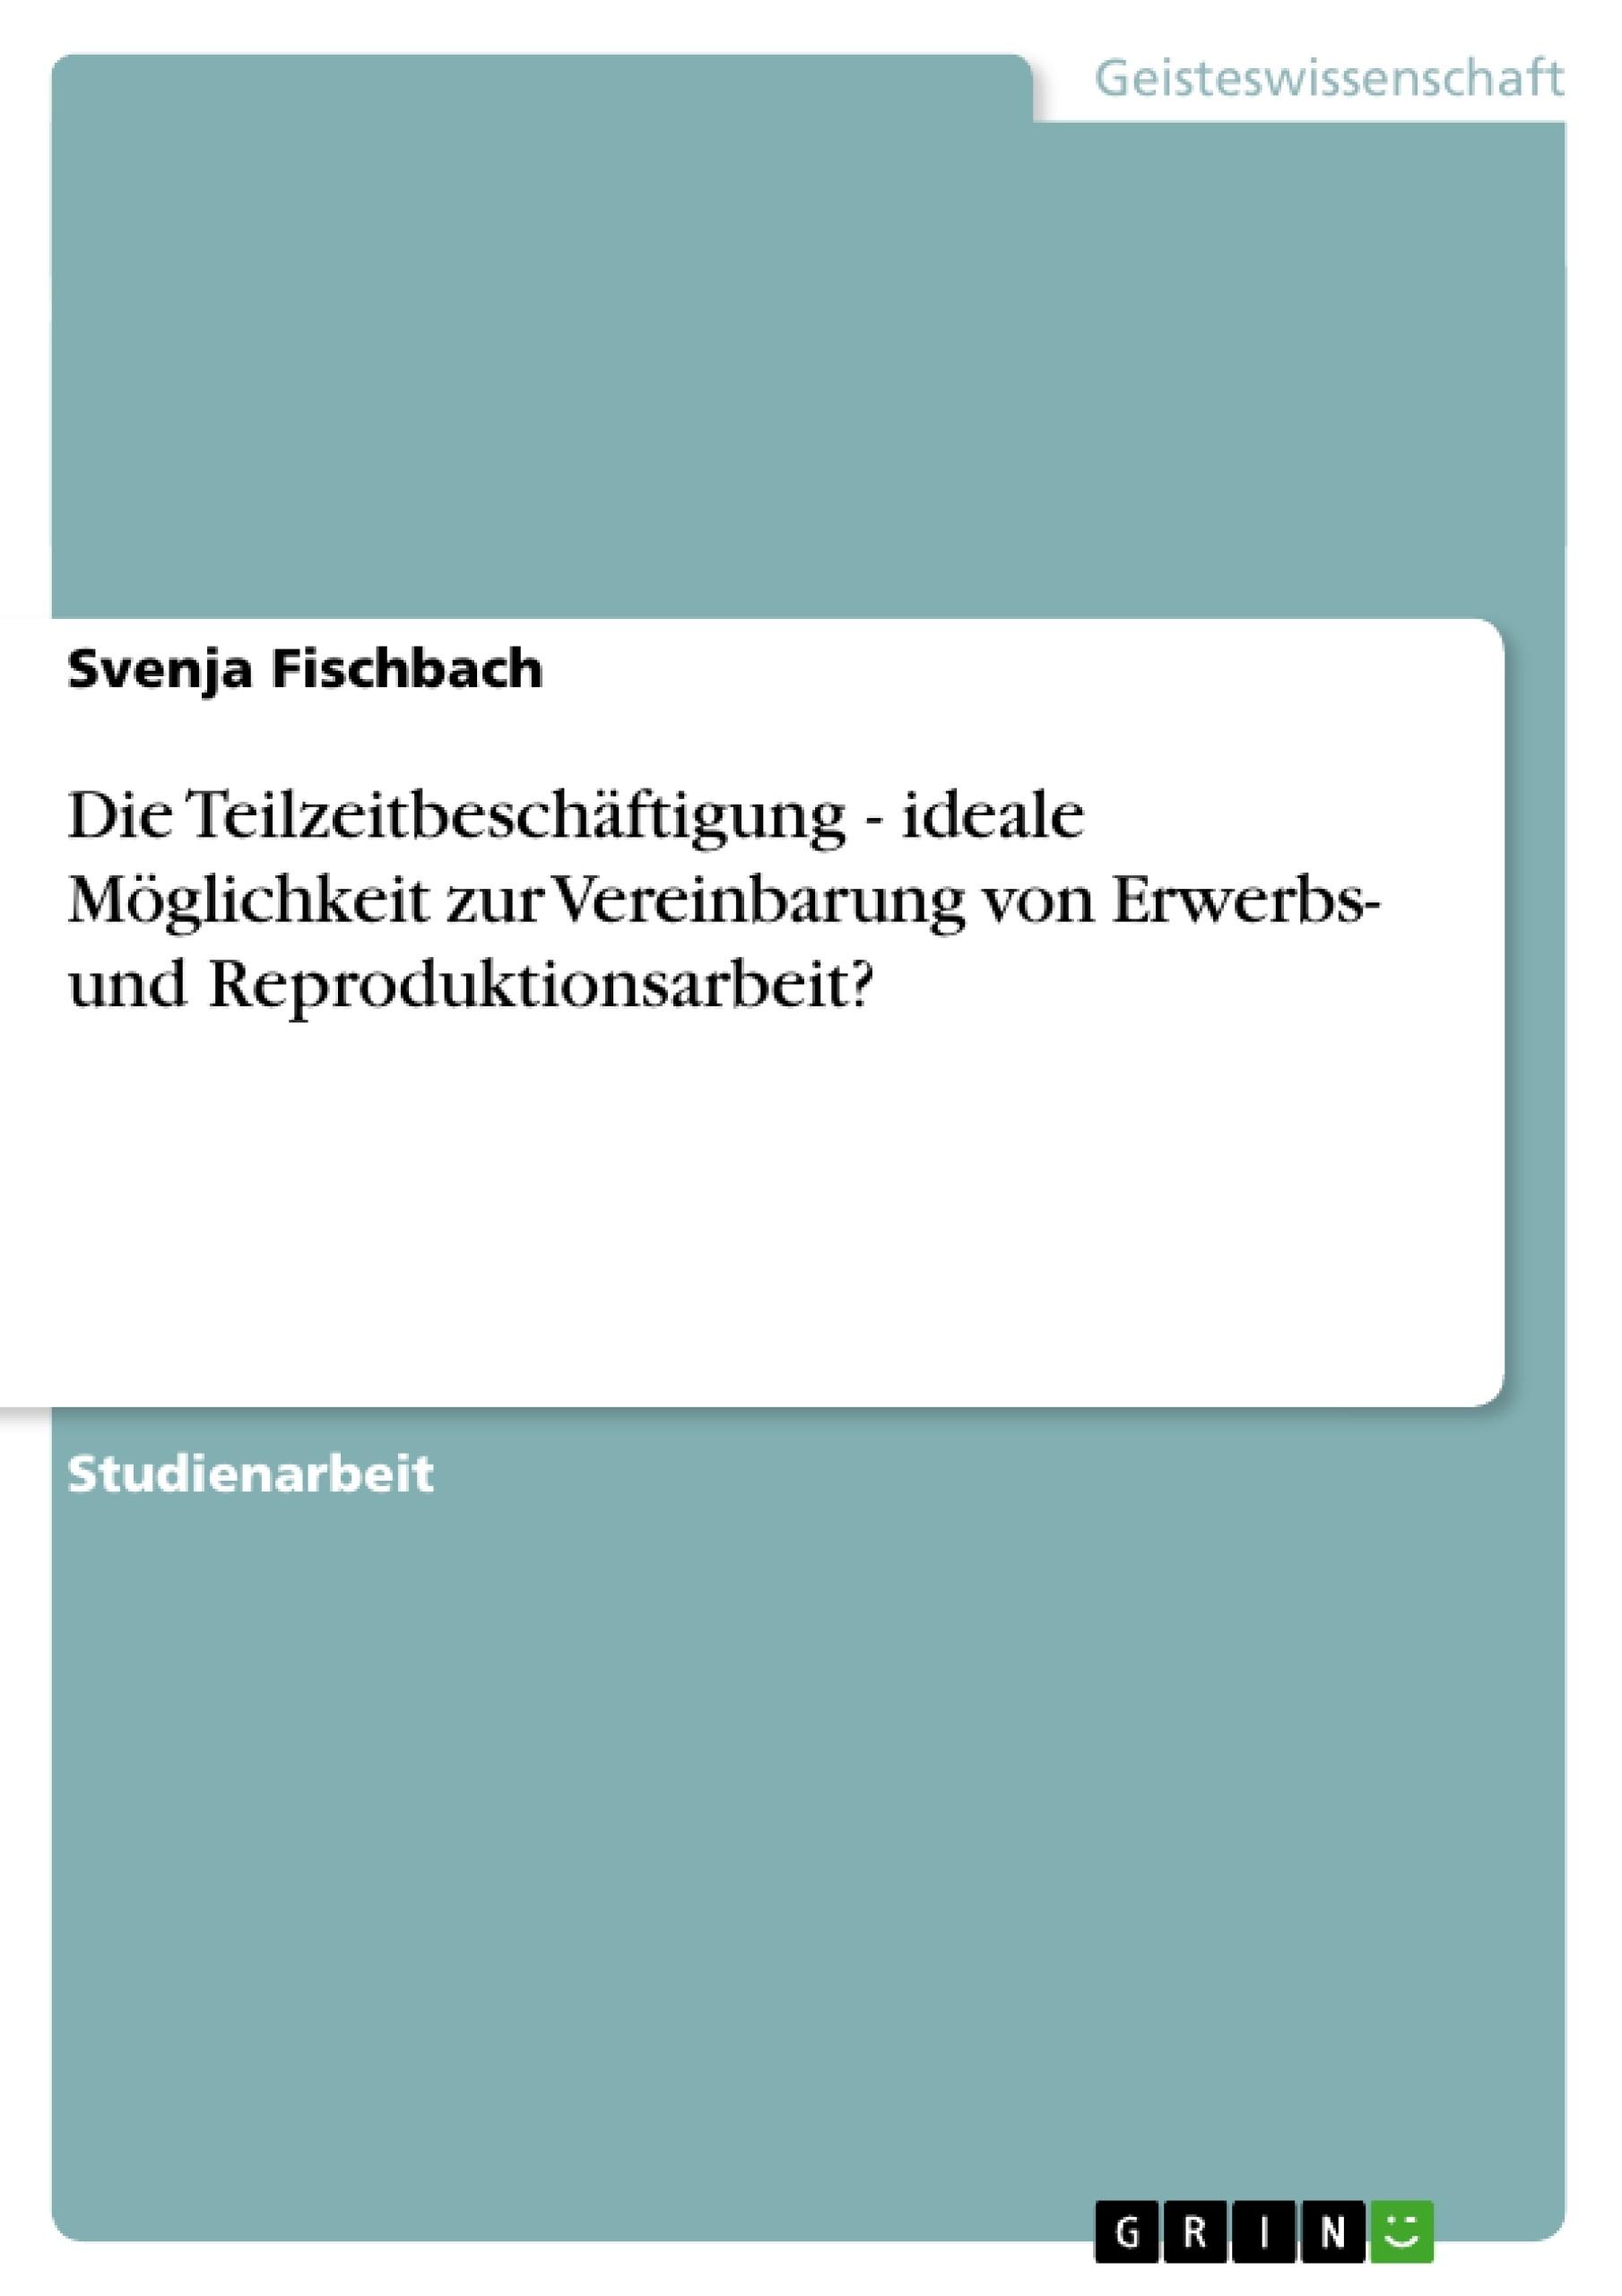 Titel: Die Teilzeitbeschäftigung - ideale Möglichkeit zur Vereinbarung von Erwerbs- und Reproduktionsarbeit?